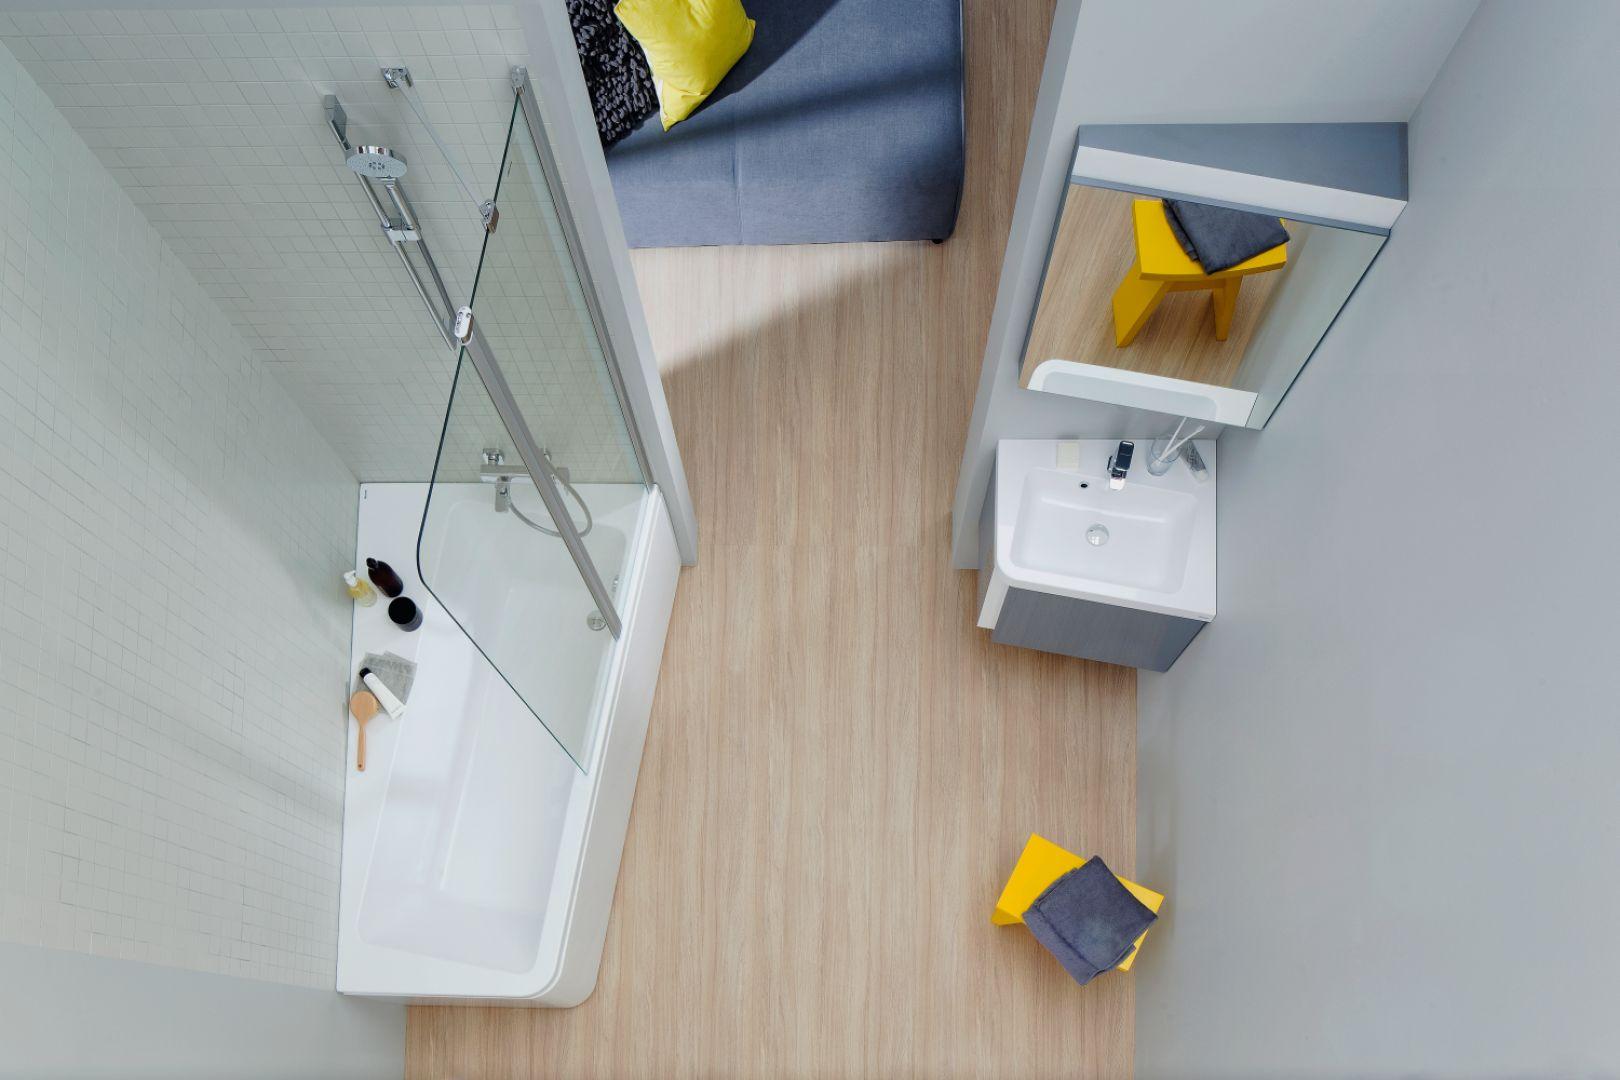 Wanna z konceptu 10º firmy Ravak asymetryczna, akrylowa z klasycznym kształtem wnętrza; z parawanem prysznicowym.  Cena: od 1.845 zł